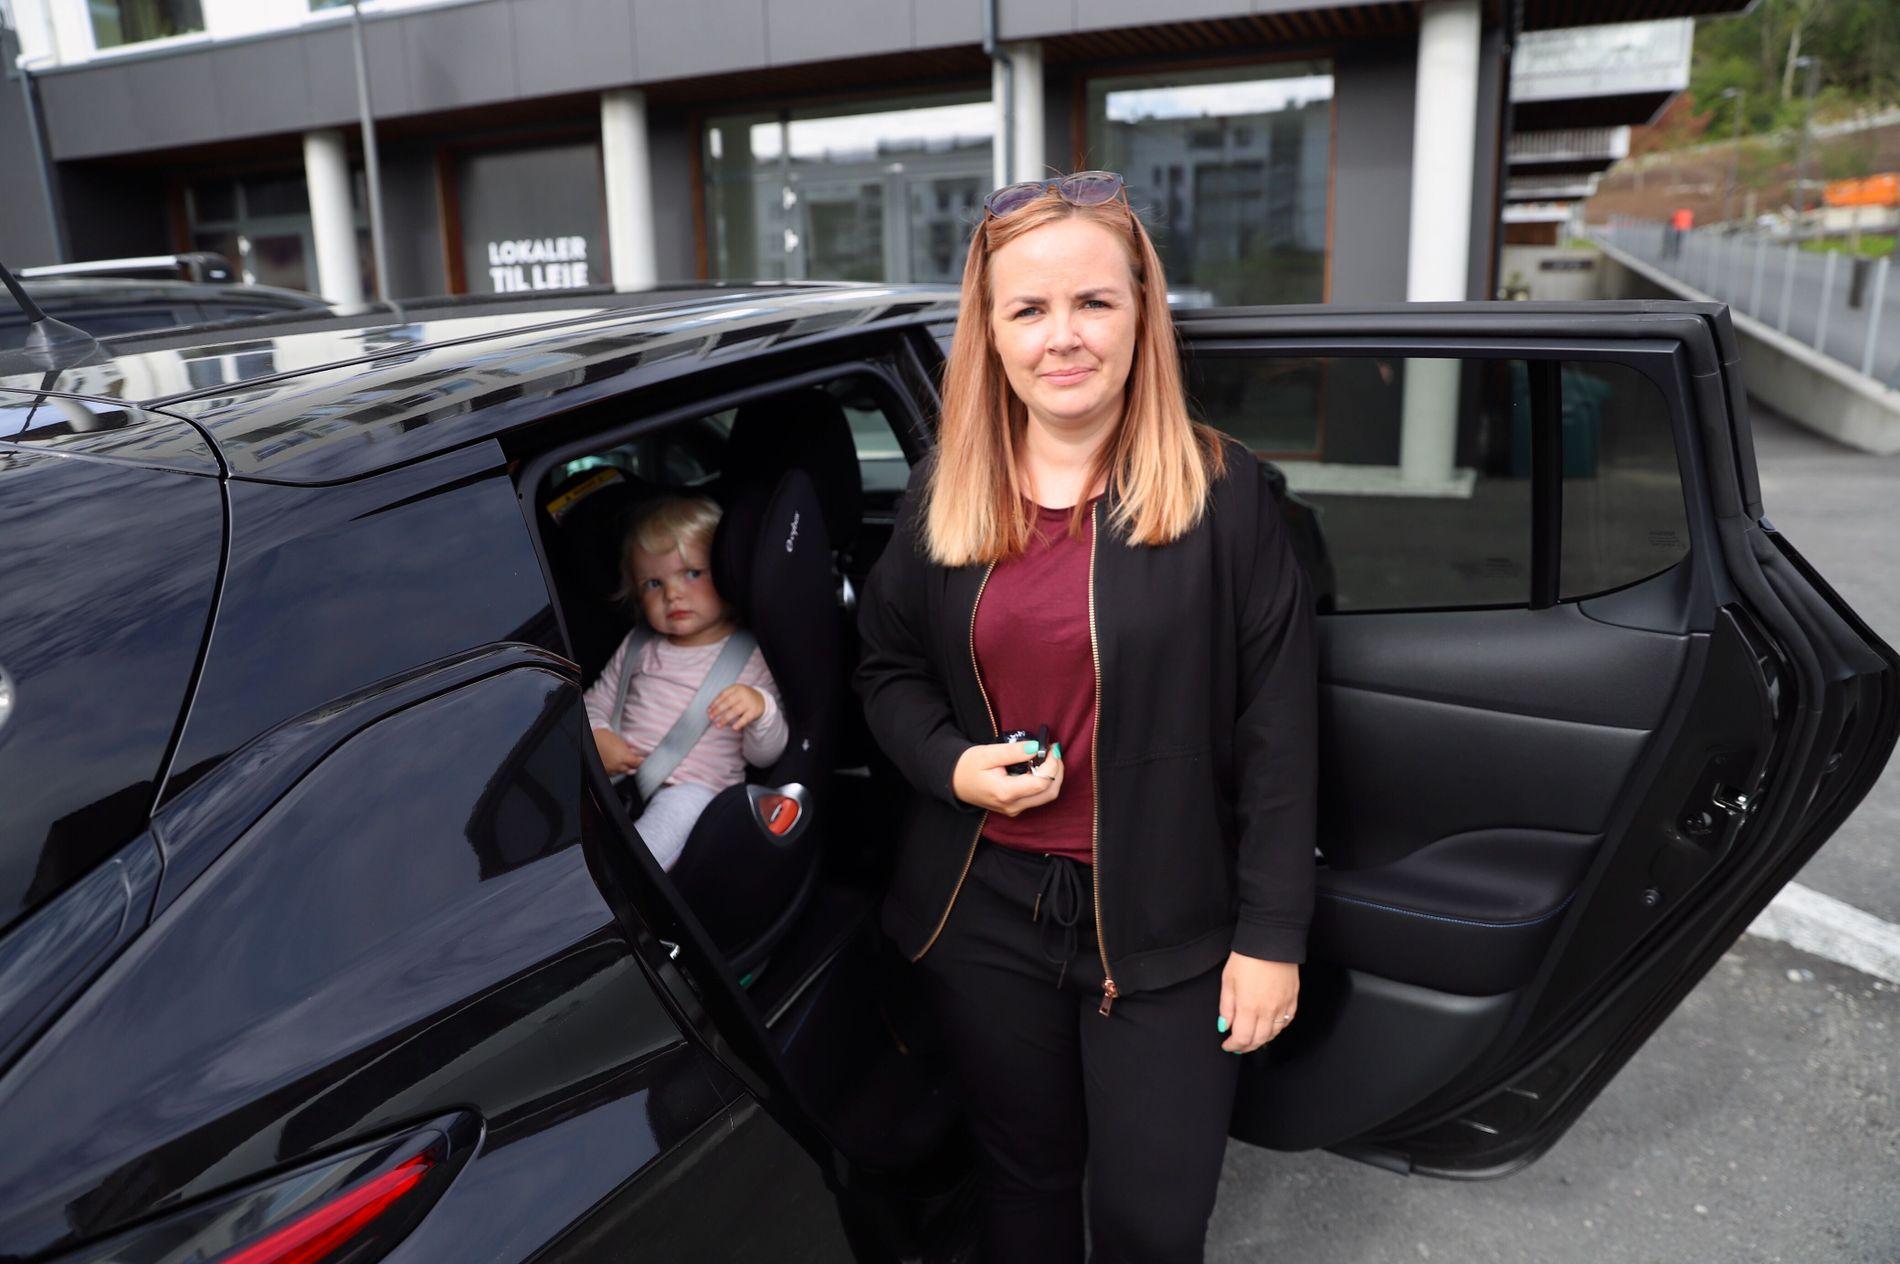 FULLE BÆREPOSER: Charlotte Elvsaas fant hyller som var i ferd med å tømmes i butikken.